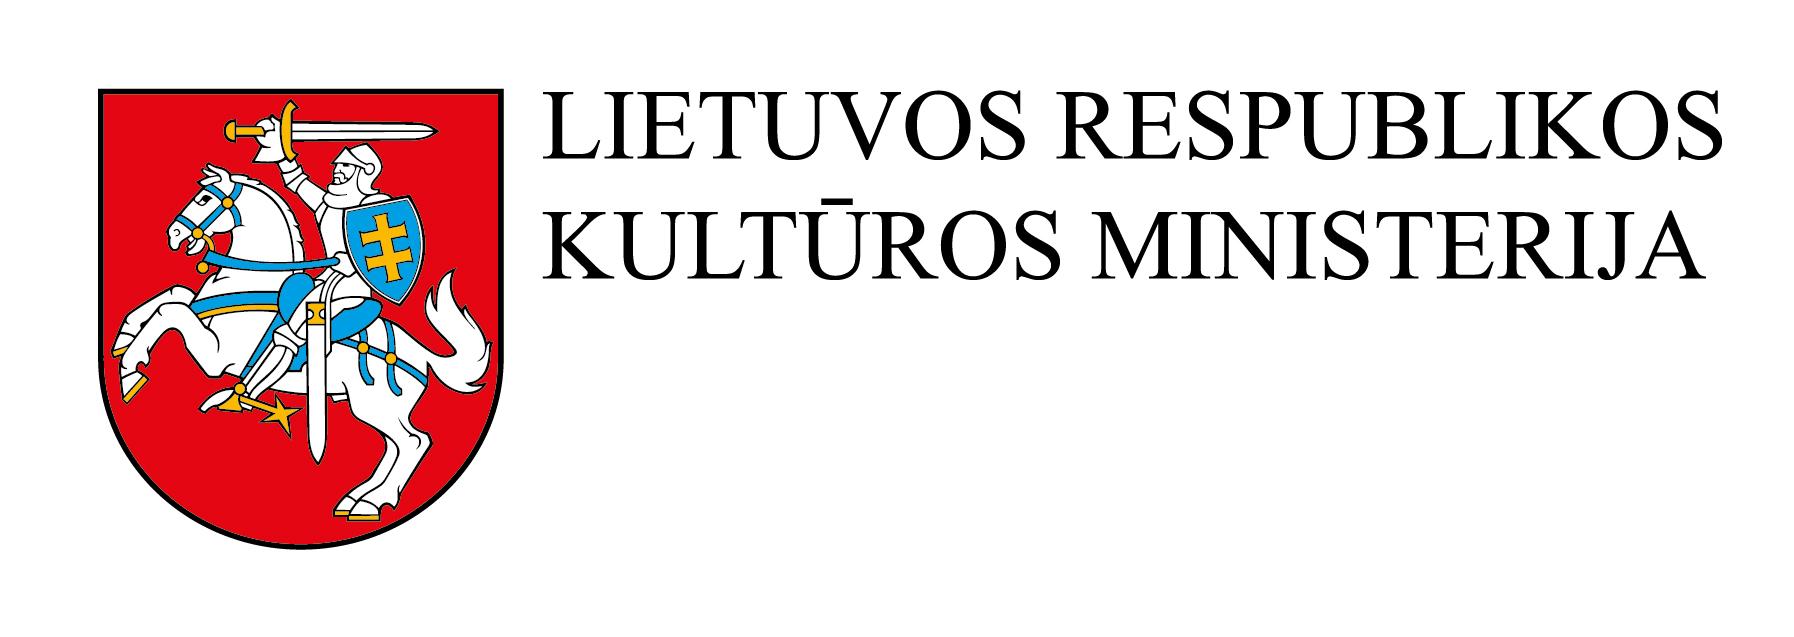 LRKM logo LT visi-01